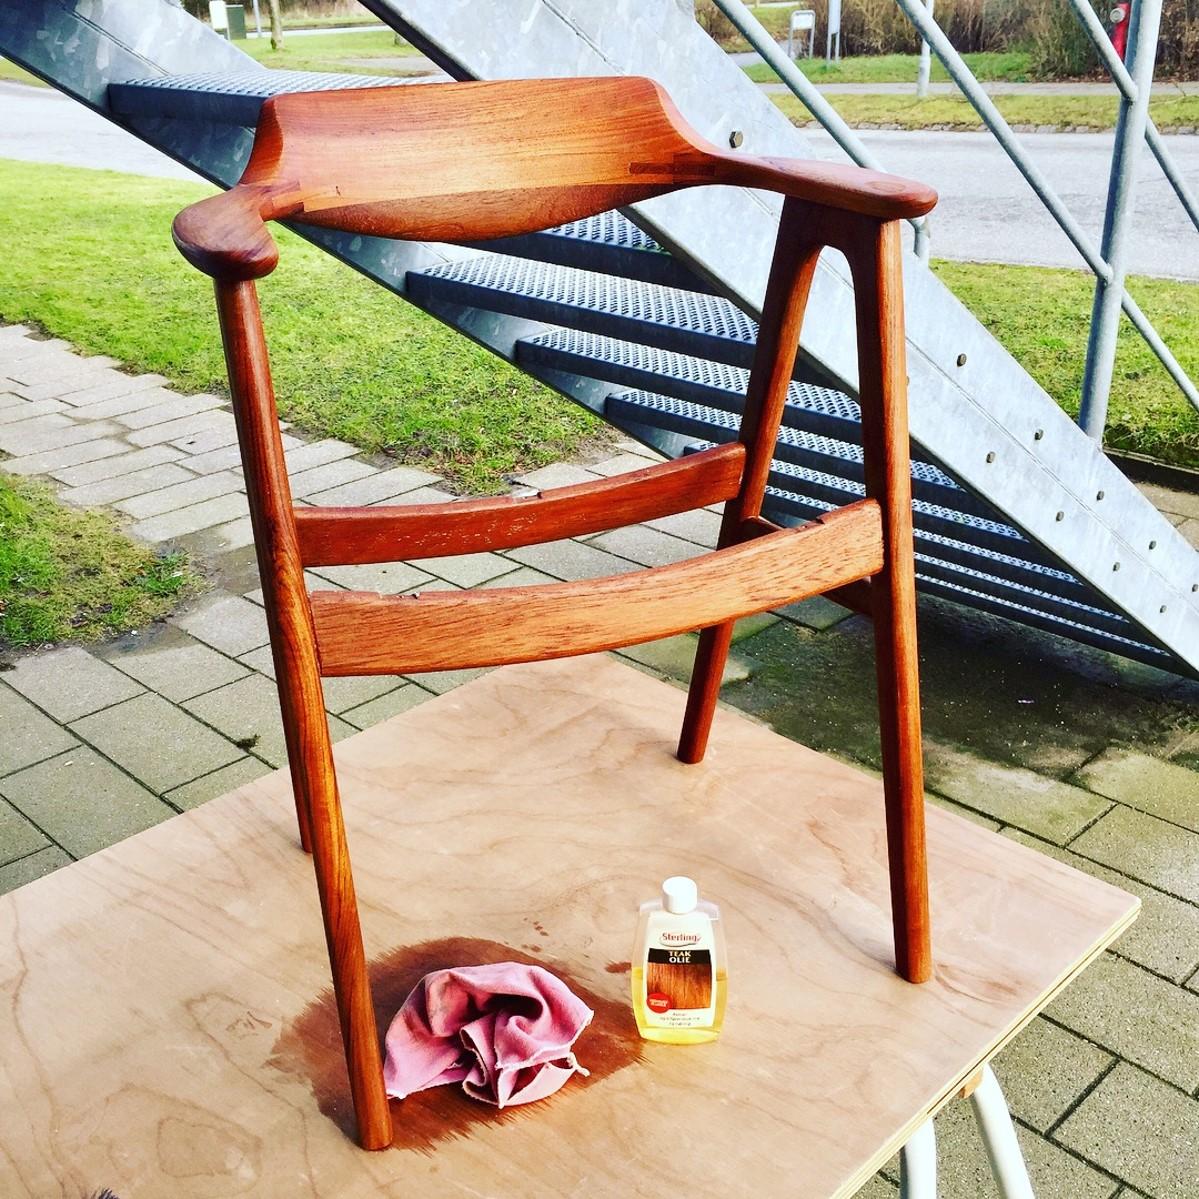 Fortsæt så med hele stolen, til den har fået et jævnt lag teaktræs olie overalt. Gentag gerne processen, men husk at lade olien trække ordentlig ind.